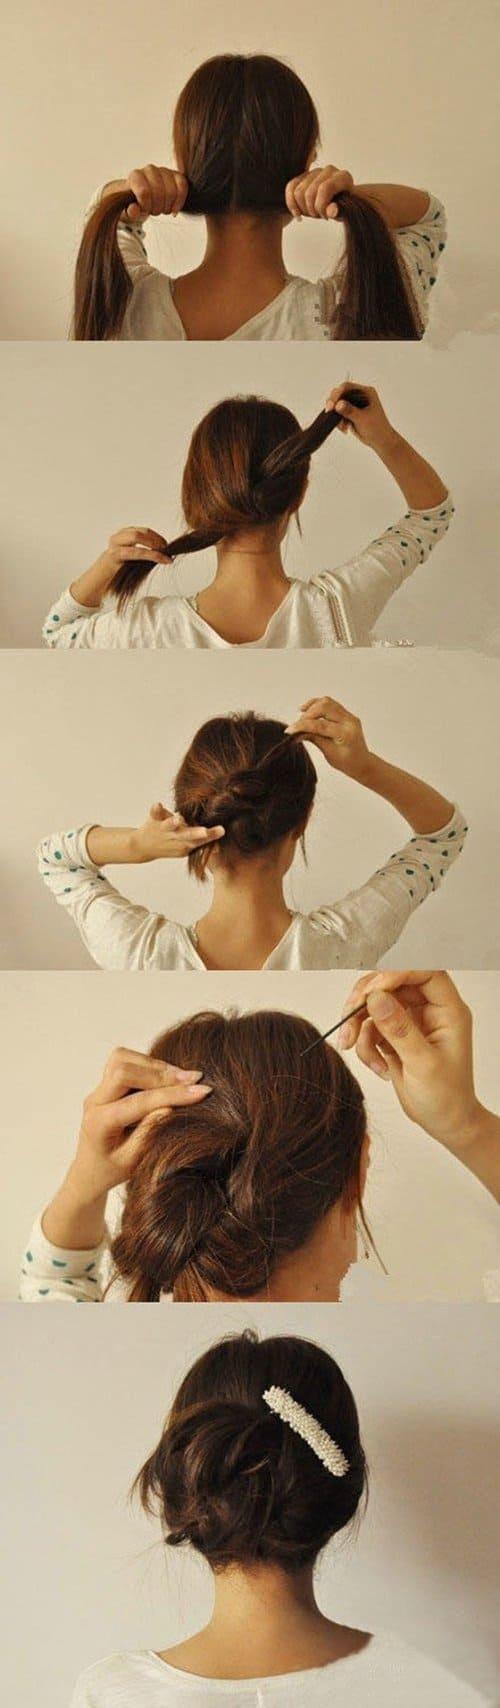 hair-tips-twist